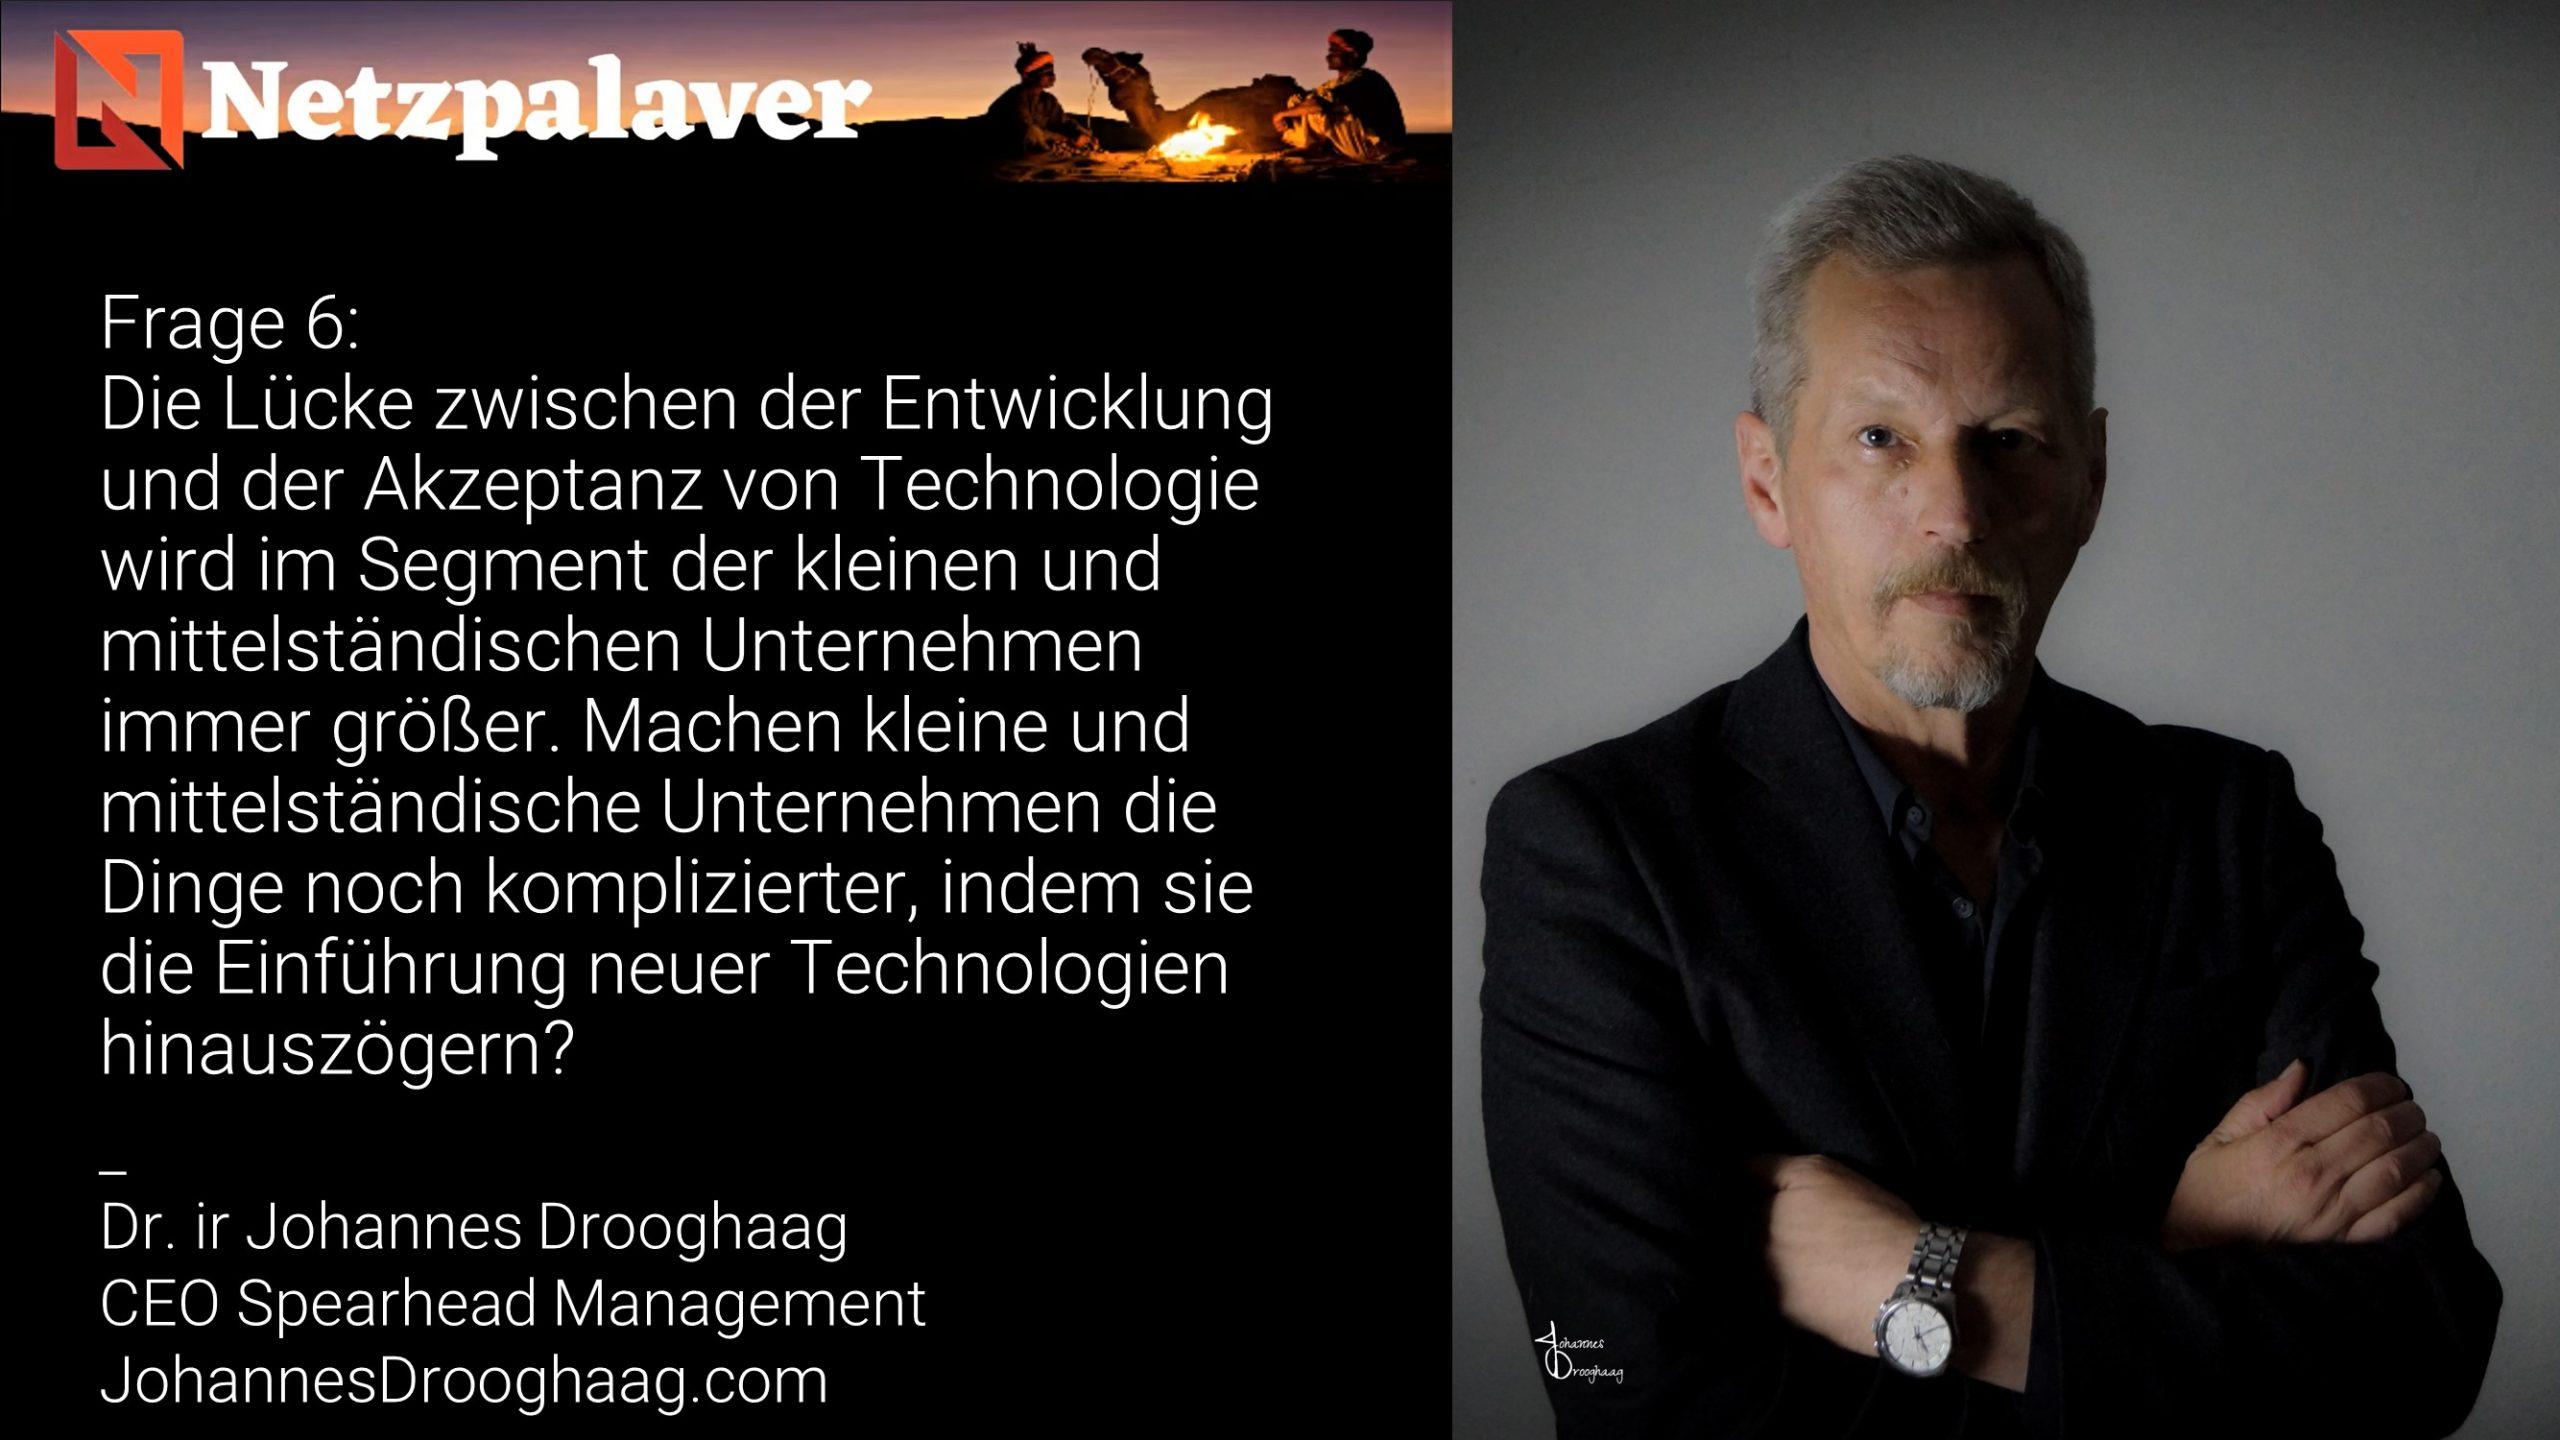 Netzpalaver: Mittelstand und Digitalisierung - Frage 6